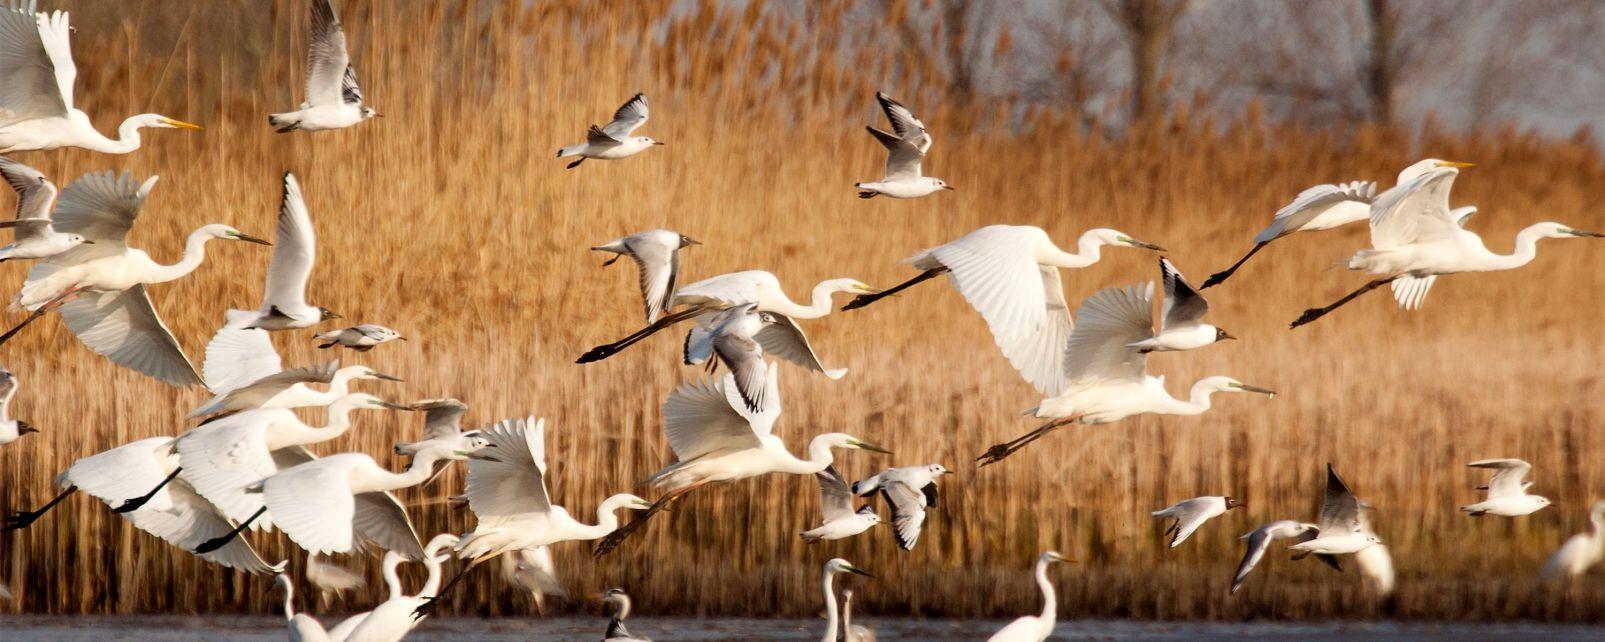 La faune et la flore, oiseau, aigrette, animal, faune, delta, ebre, catalogne, espagne, mer, méditerranée, europe